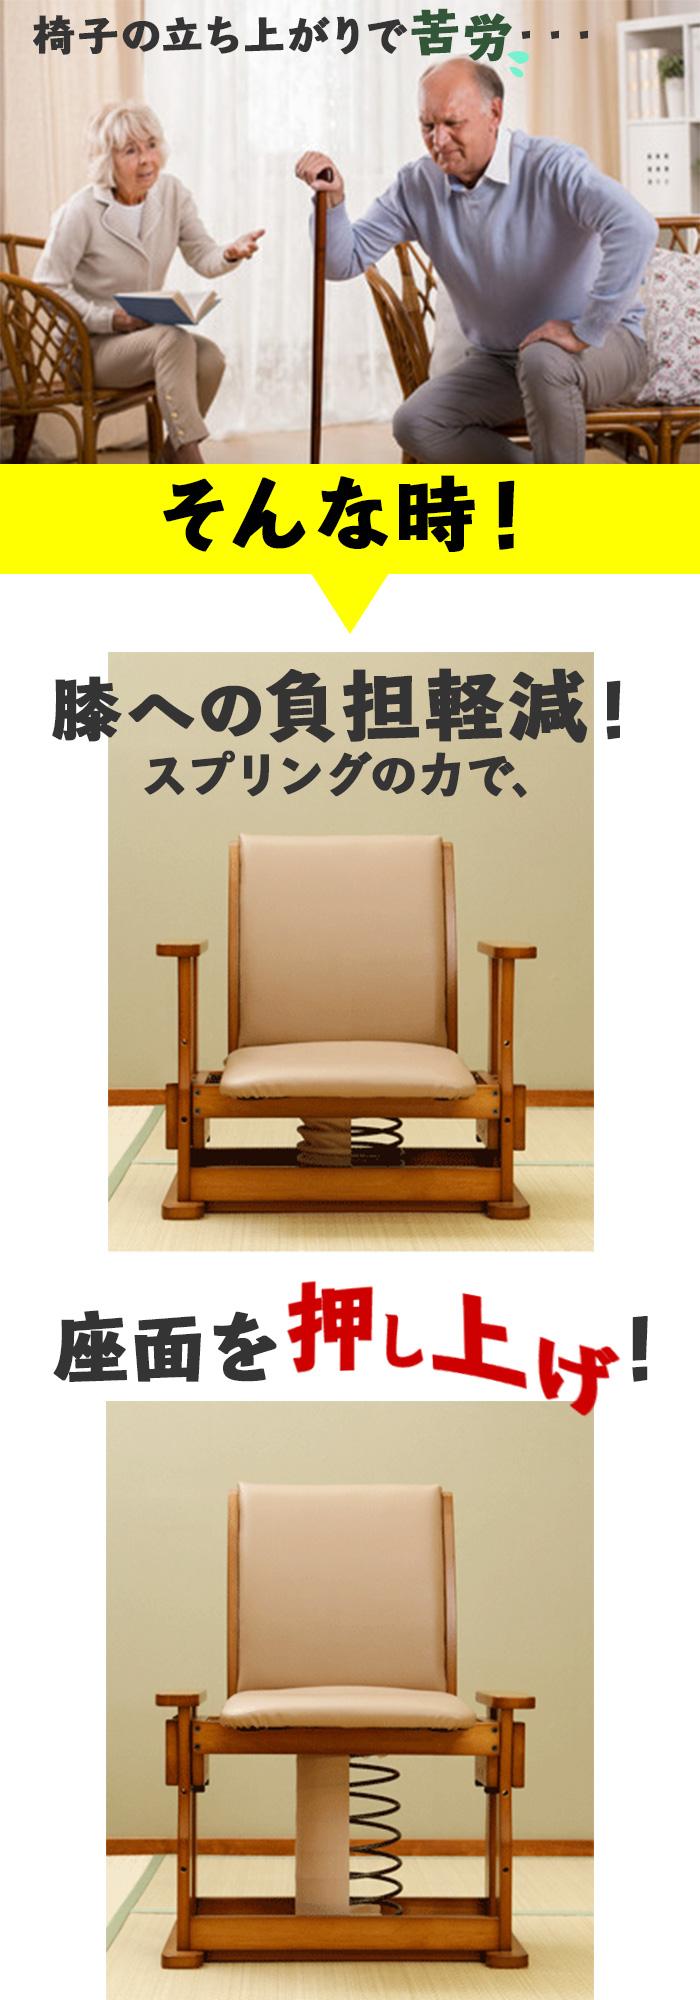 補助椅子画像